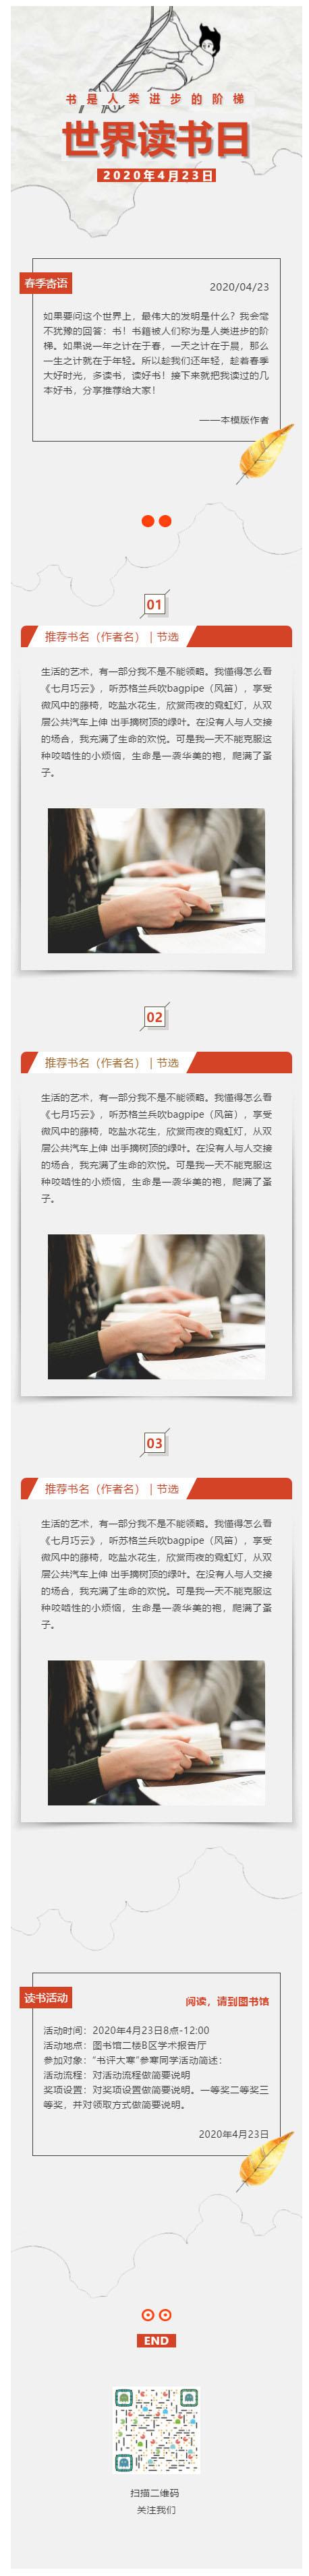 世界读书日微信模板订阅号推送图文微信推文模板